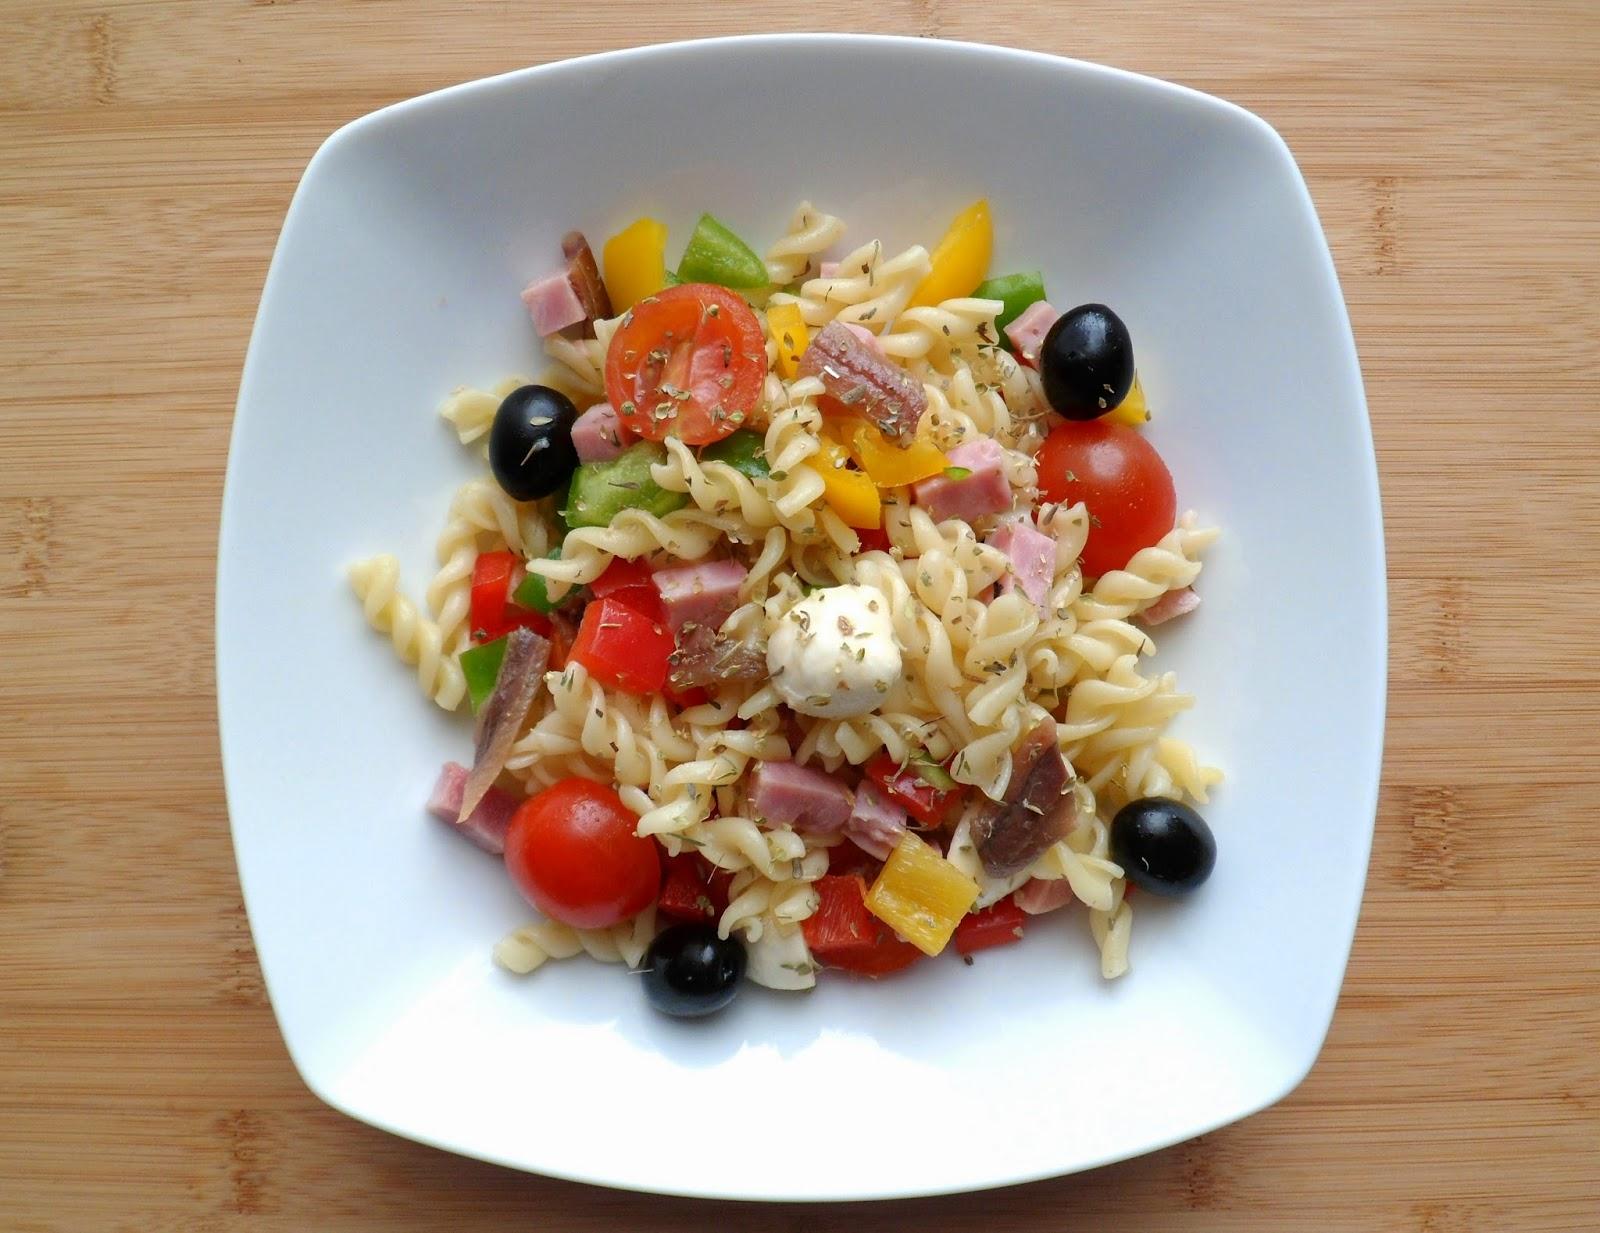 Les crocs du loupinet salade de p tes ma s figues for Cuisine 0 crocs